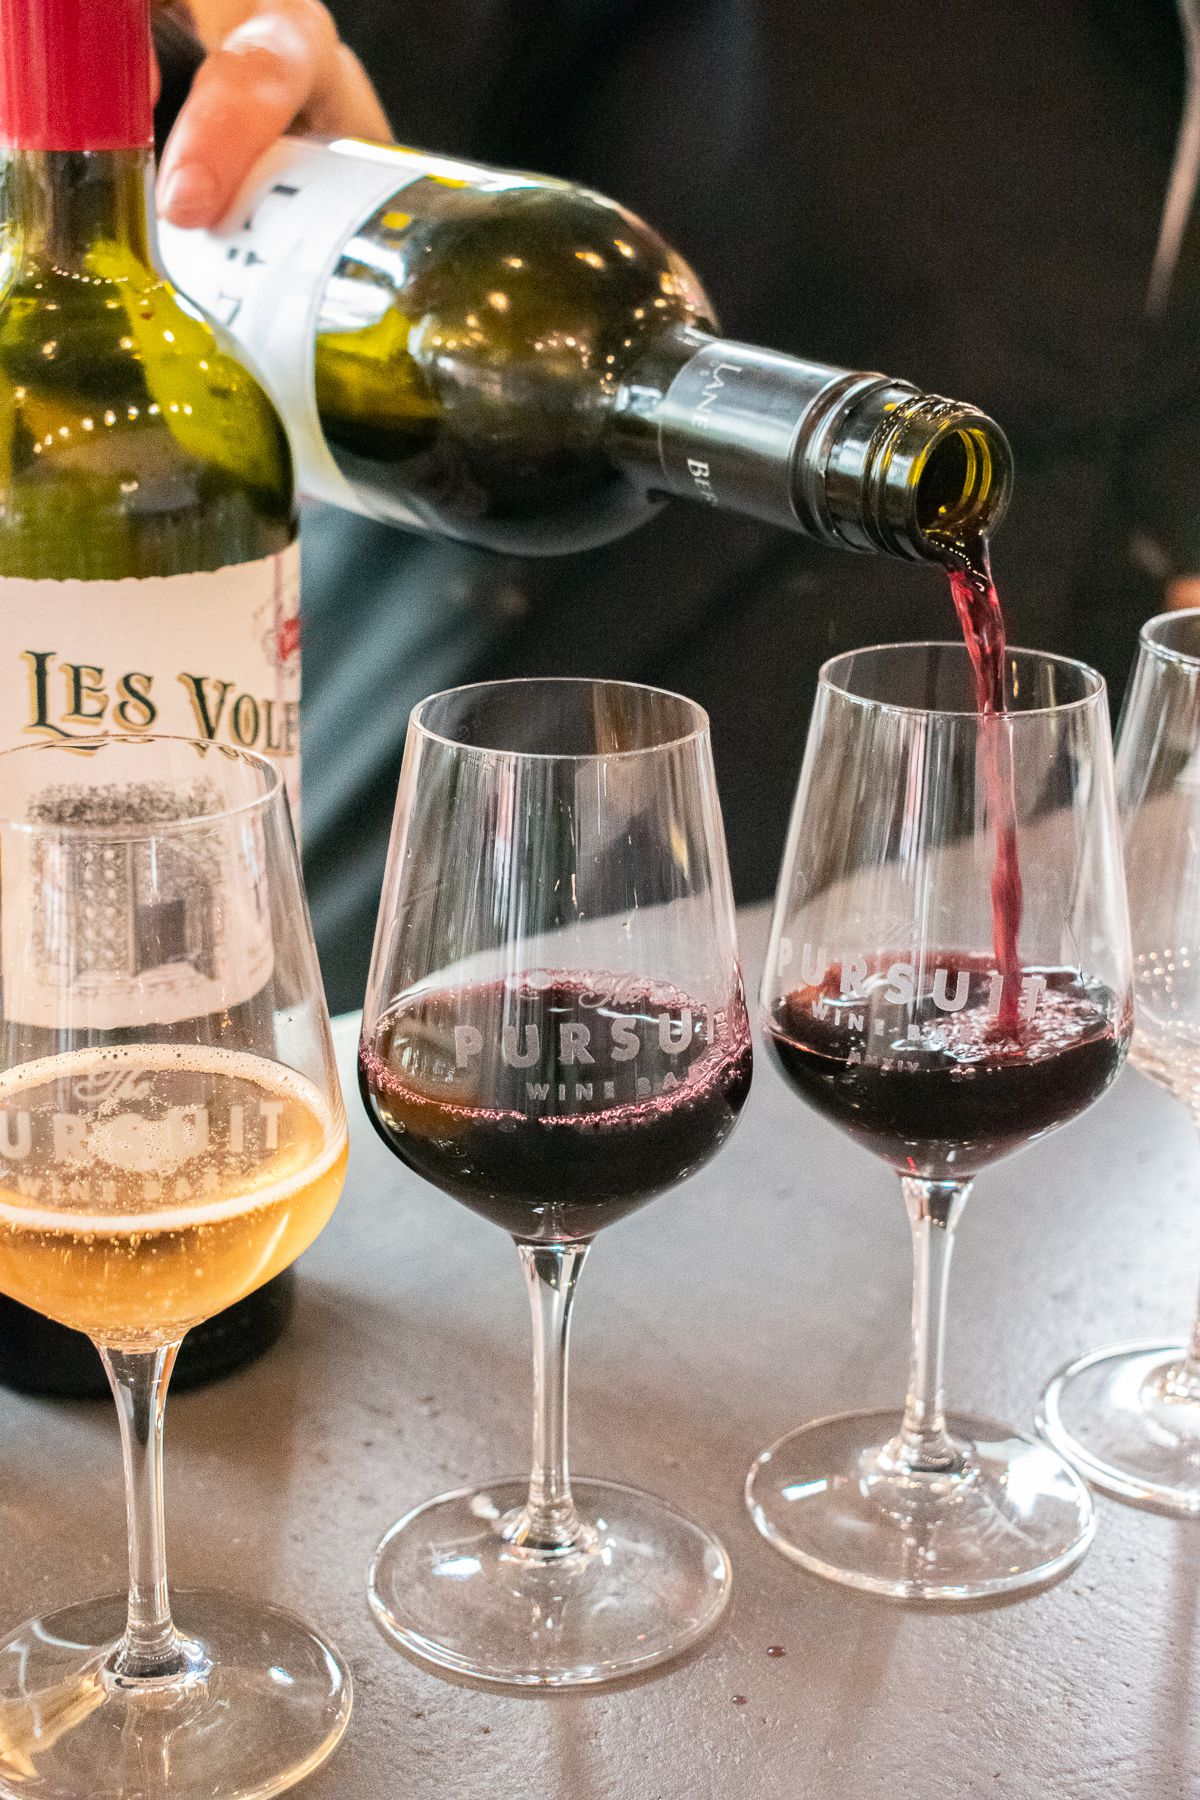 Wine pours at Pursuit